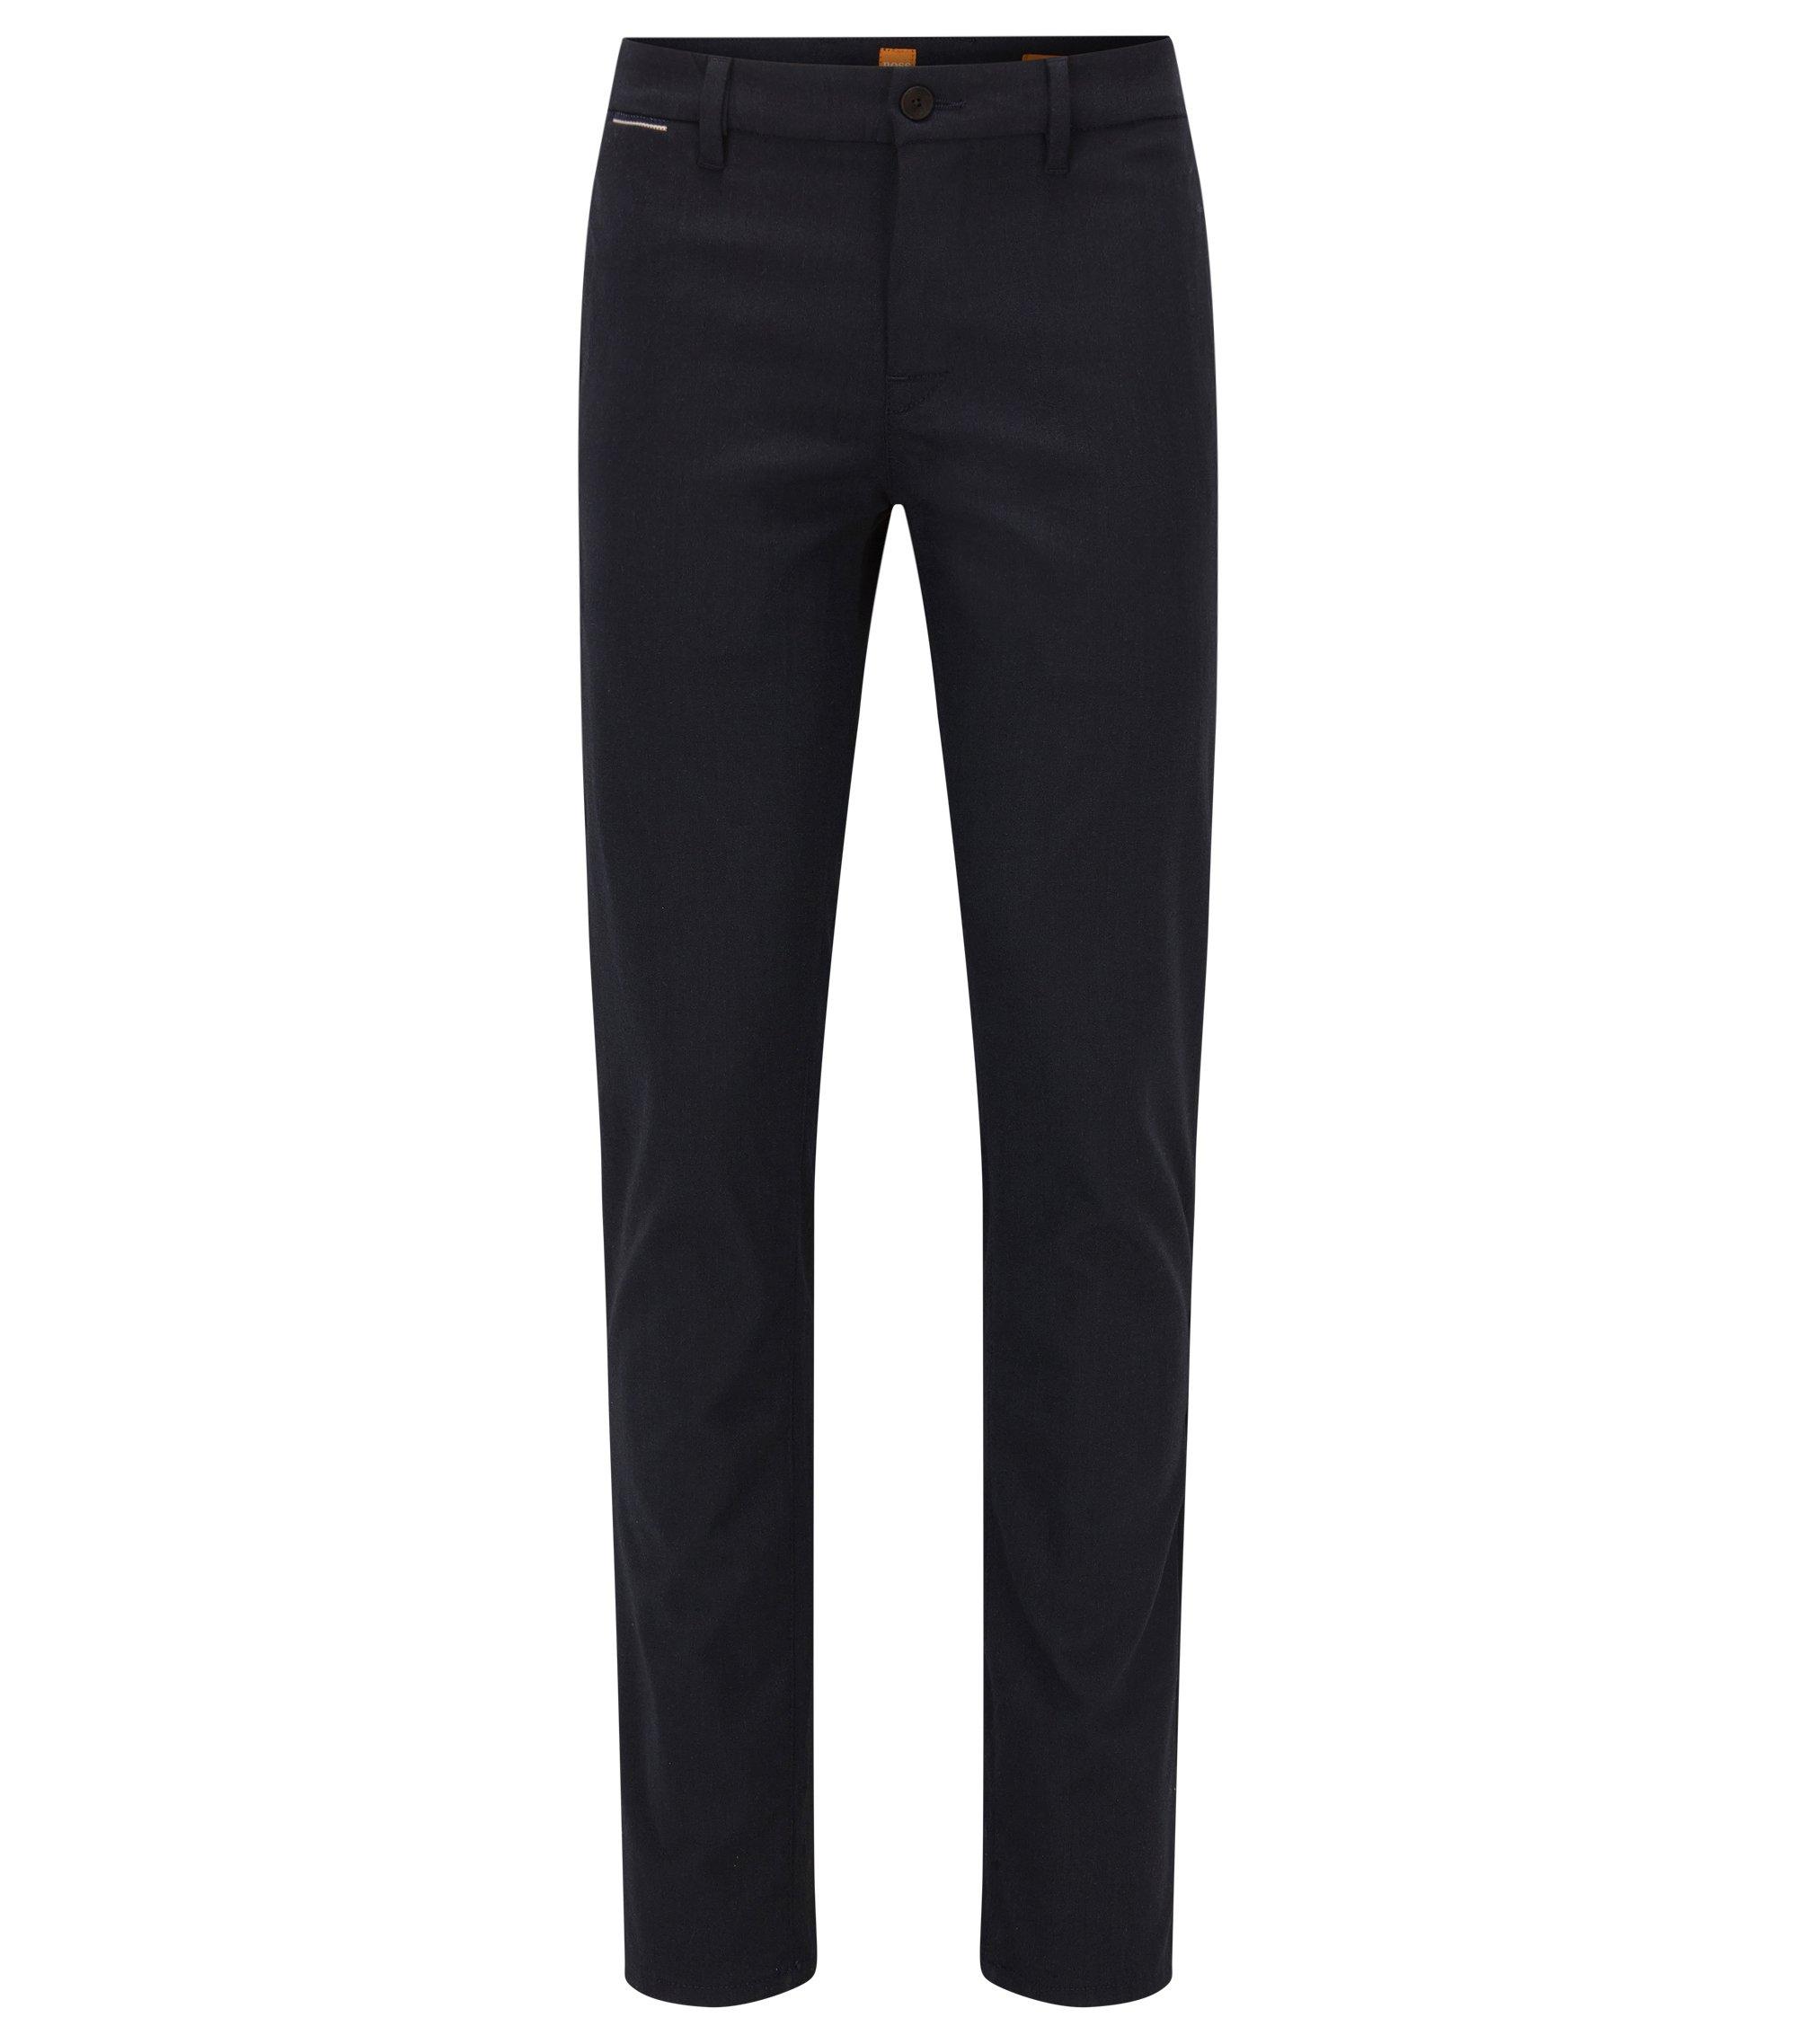 Pantalon Slim Fit en tissu Oxford chiné, Bleu foncé